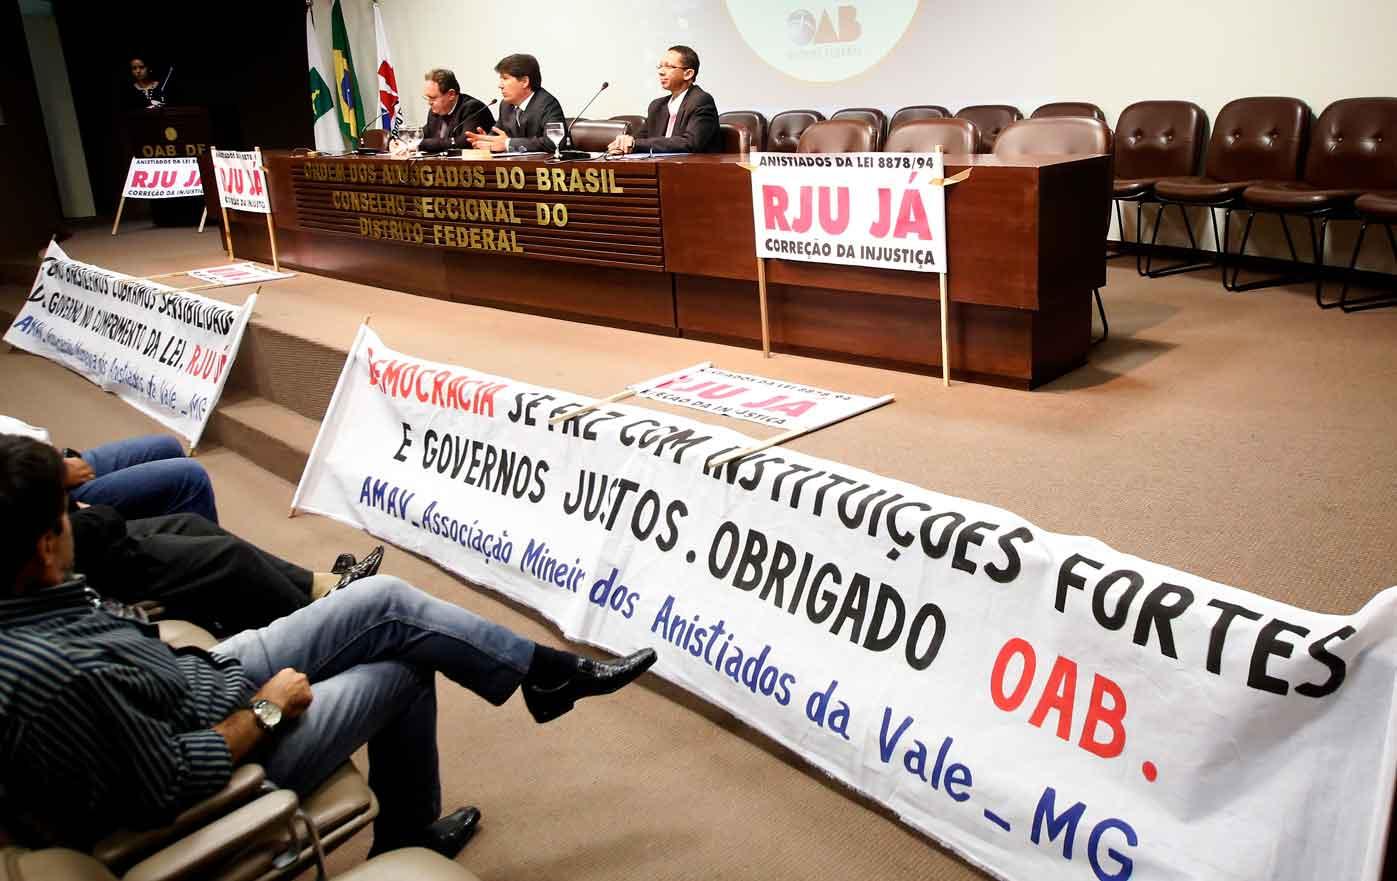 Regime Jurídico Único é discutido em evento na Seccional